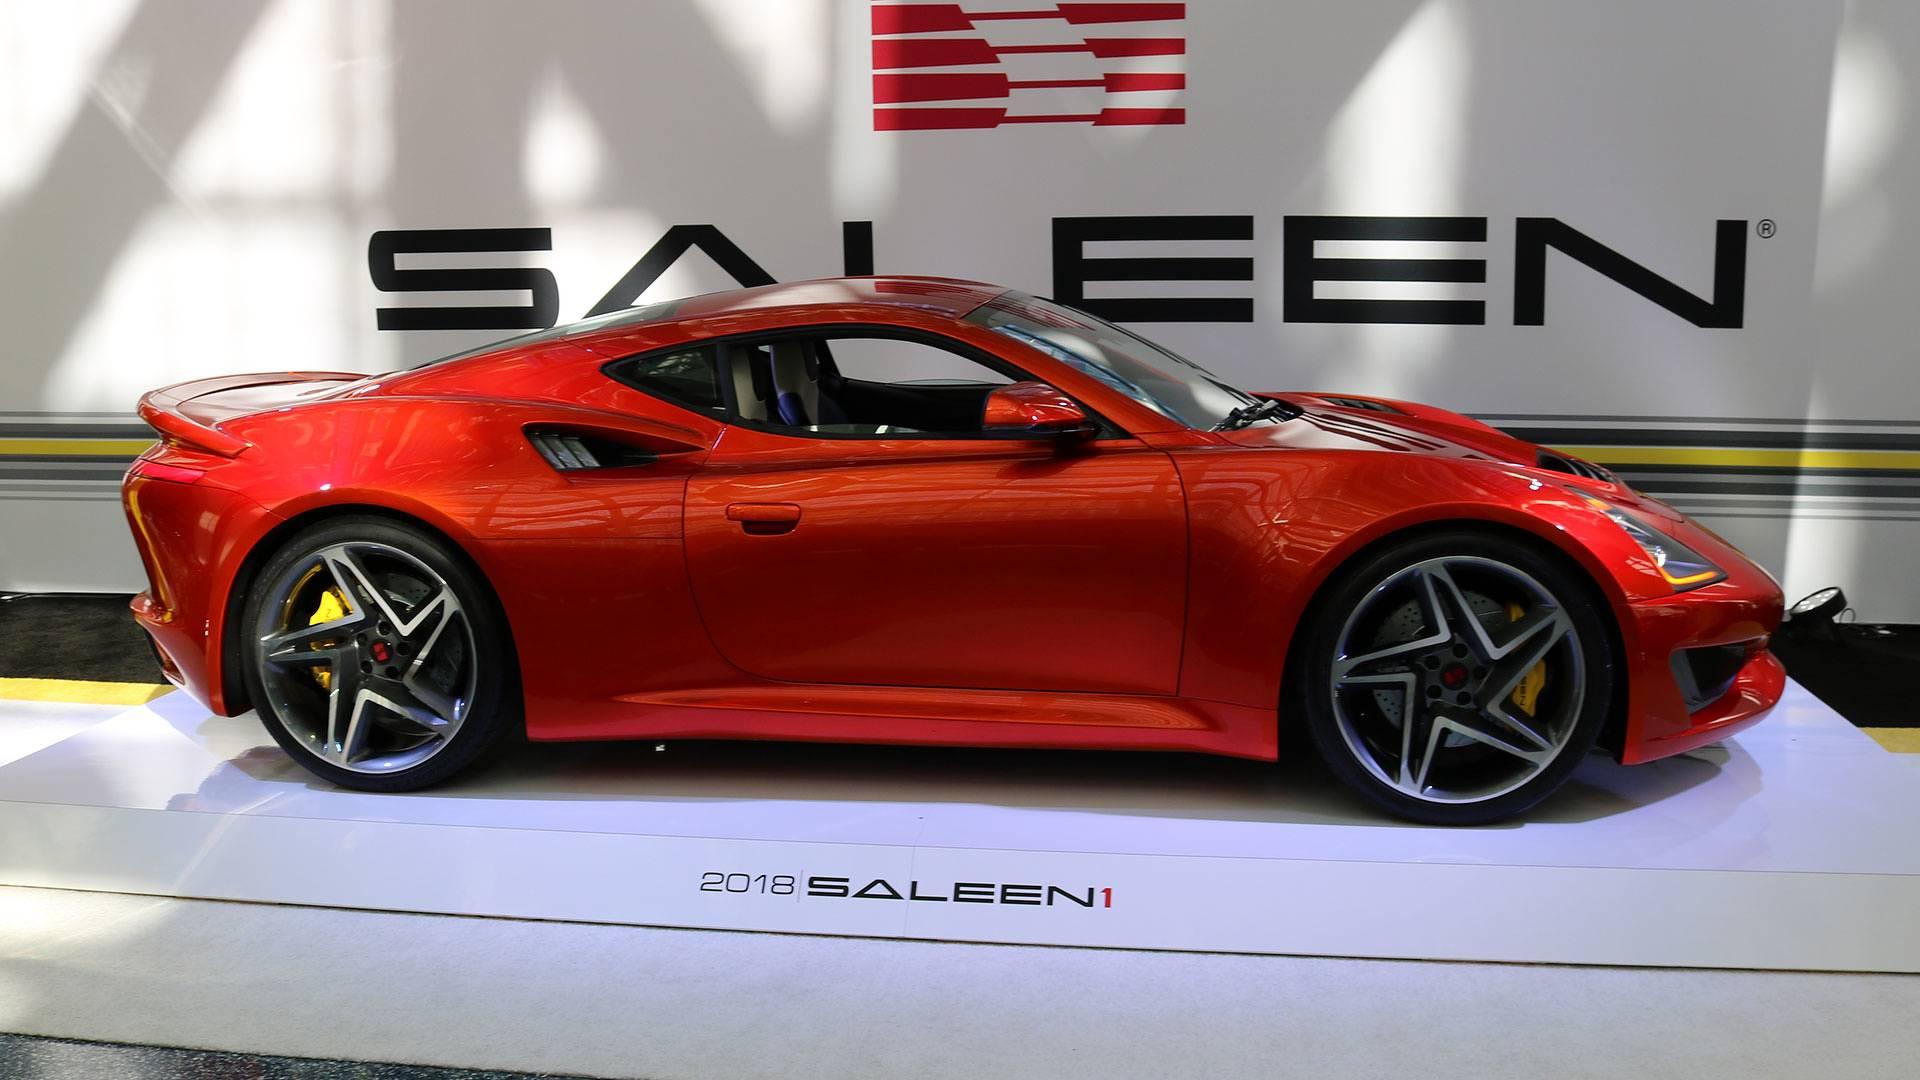 2018 Saleen S1 Is A 180-MPH, $100K Carbon-Fiber Supercar